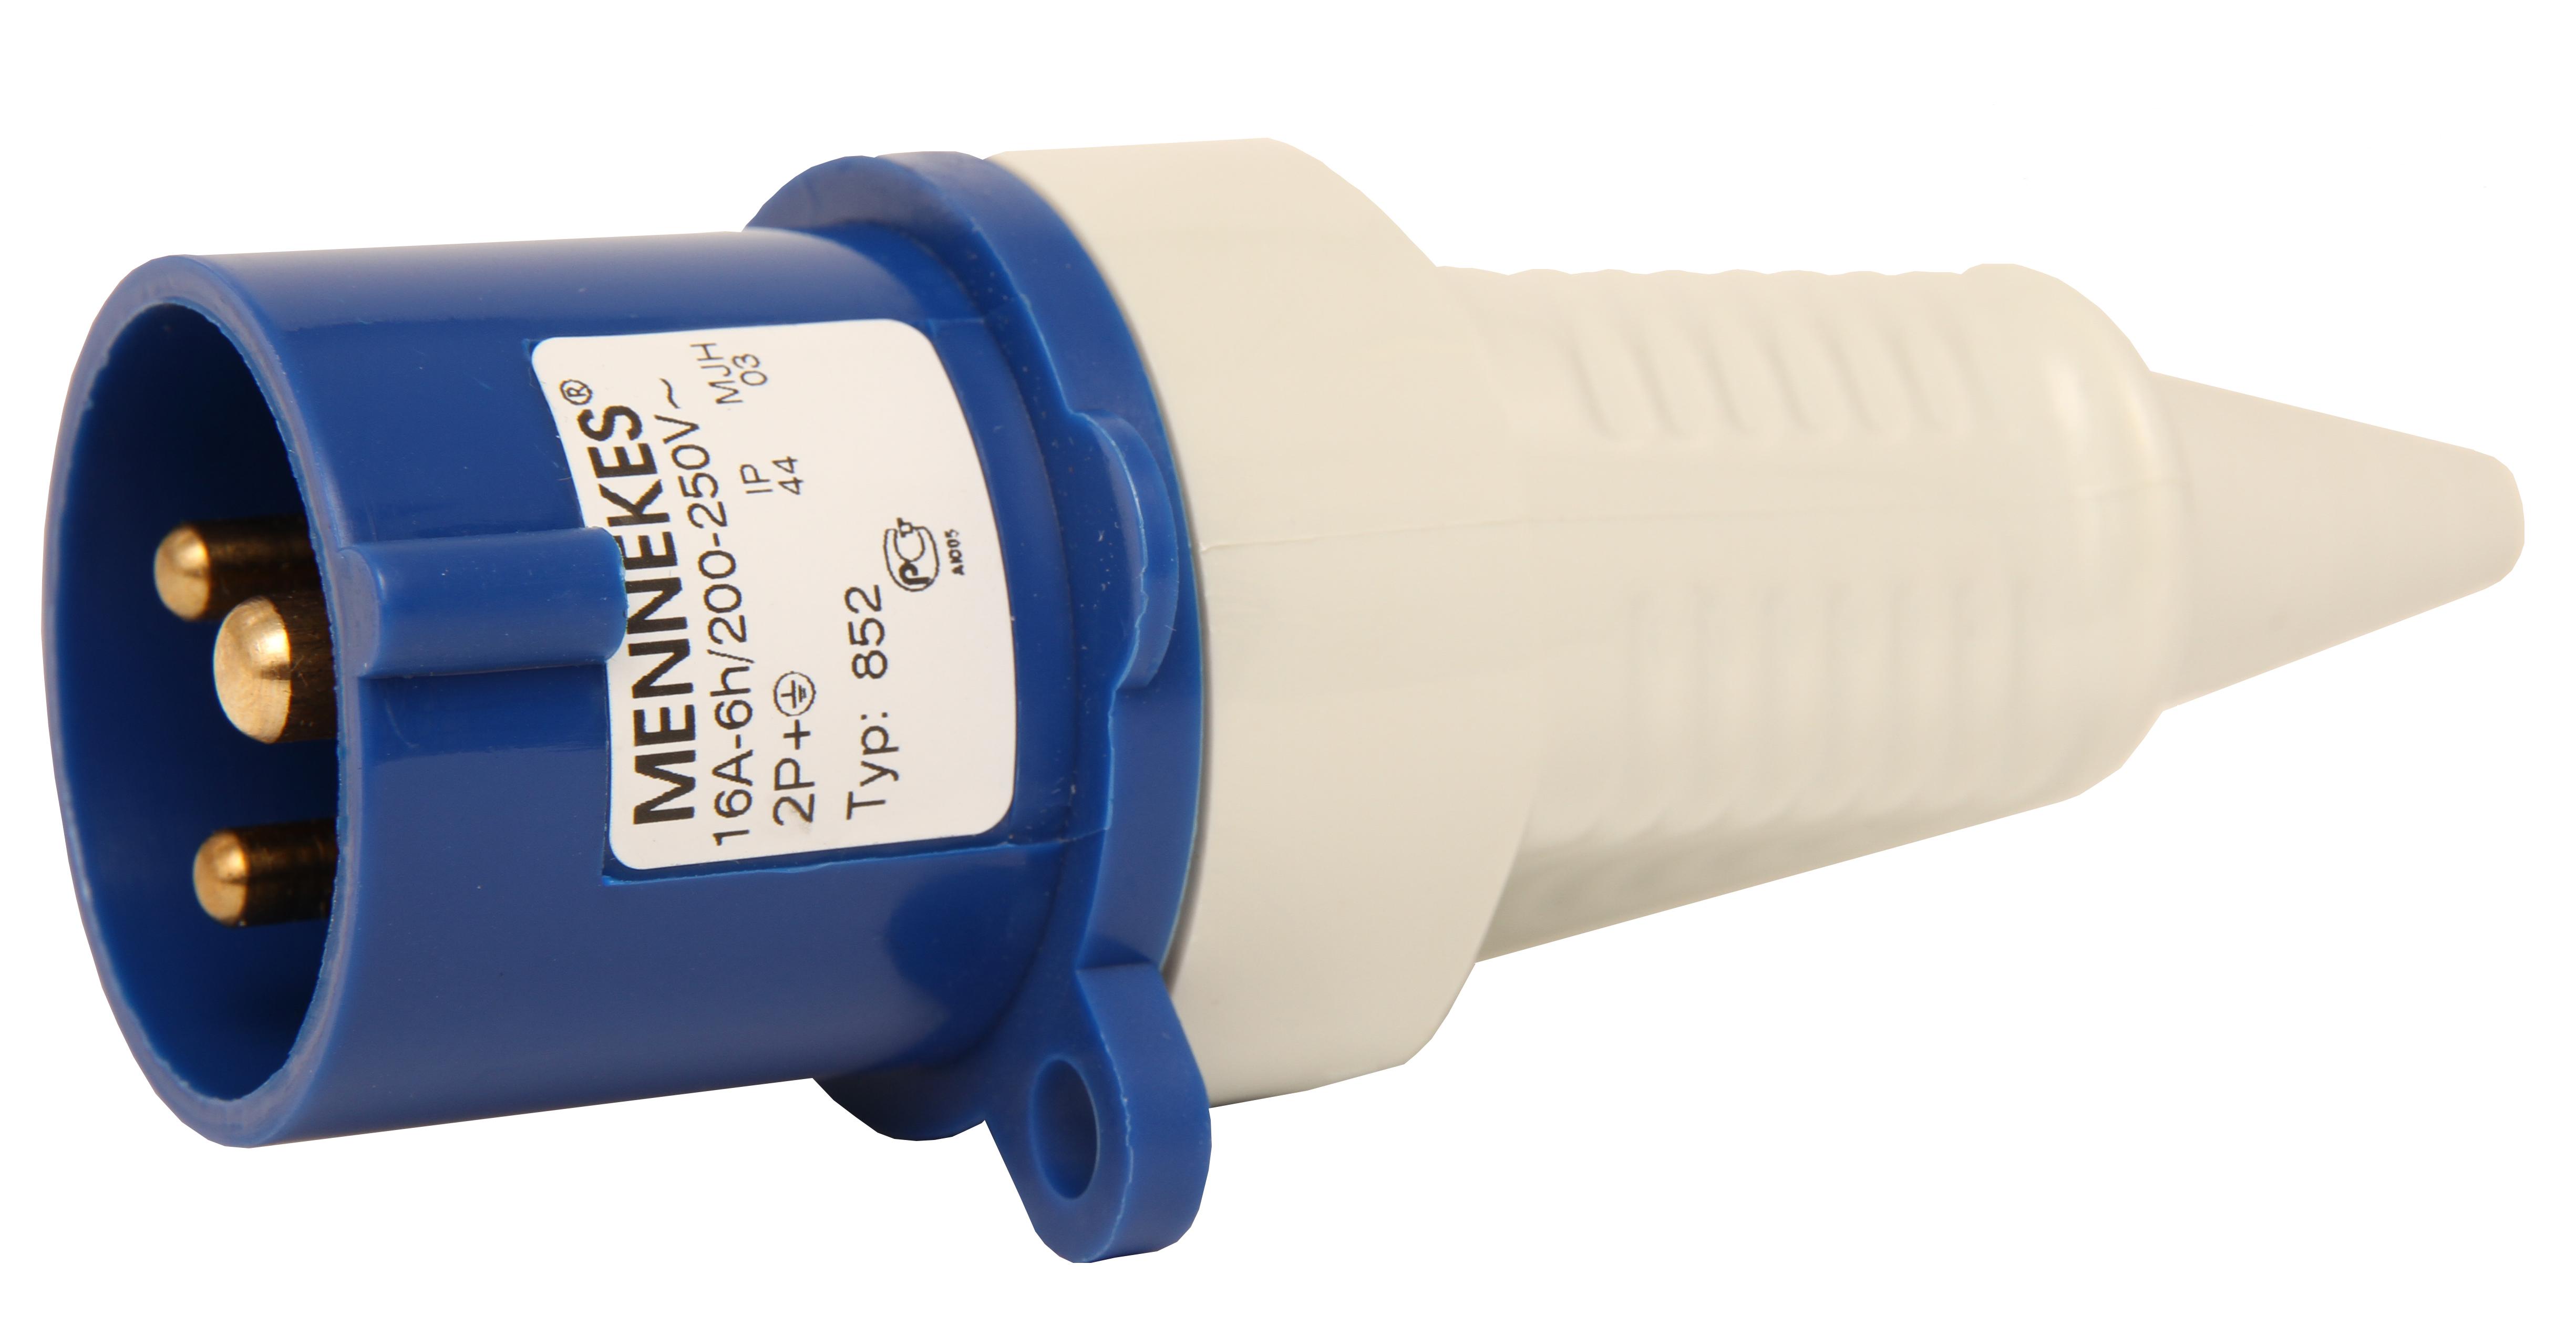 Wimpel Omega tilbehør: Plugg 16A, 216-6, 230V, låsbar, IP44